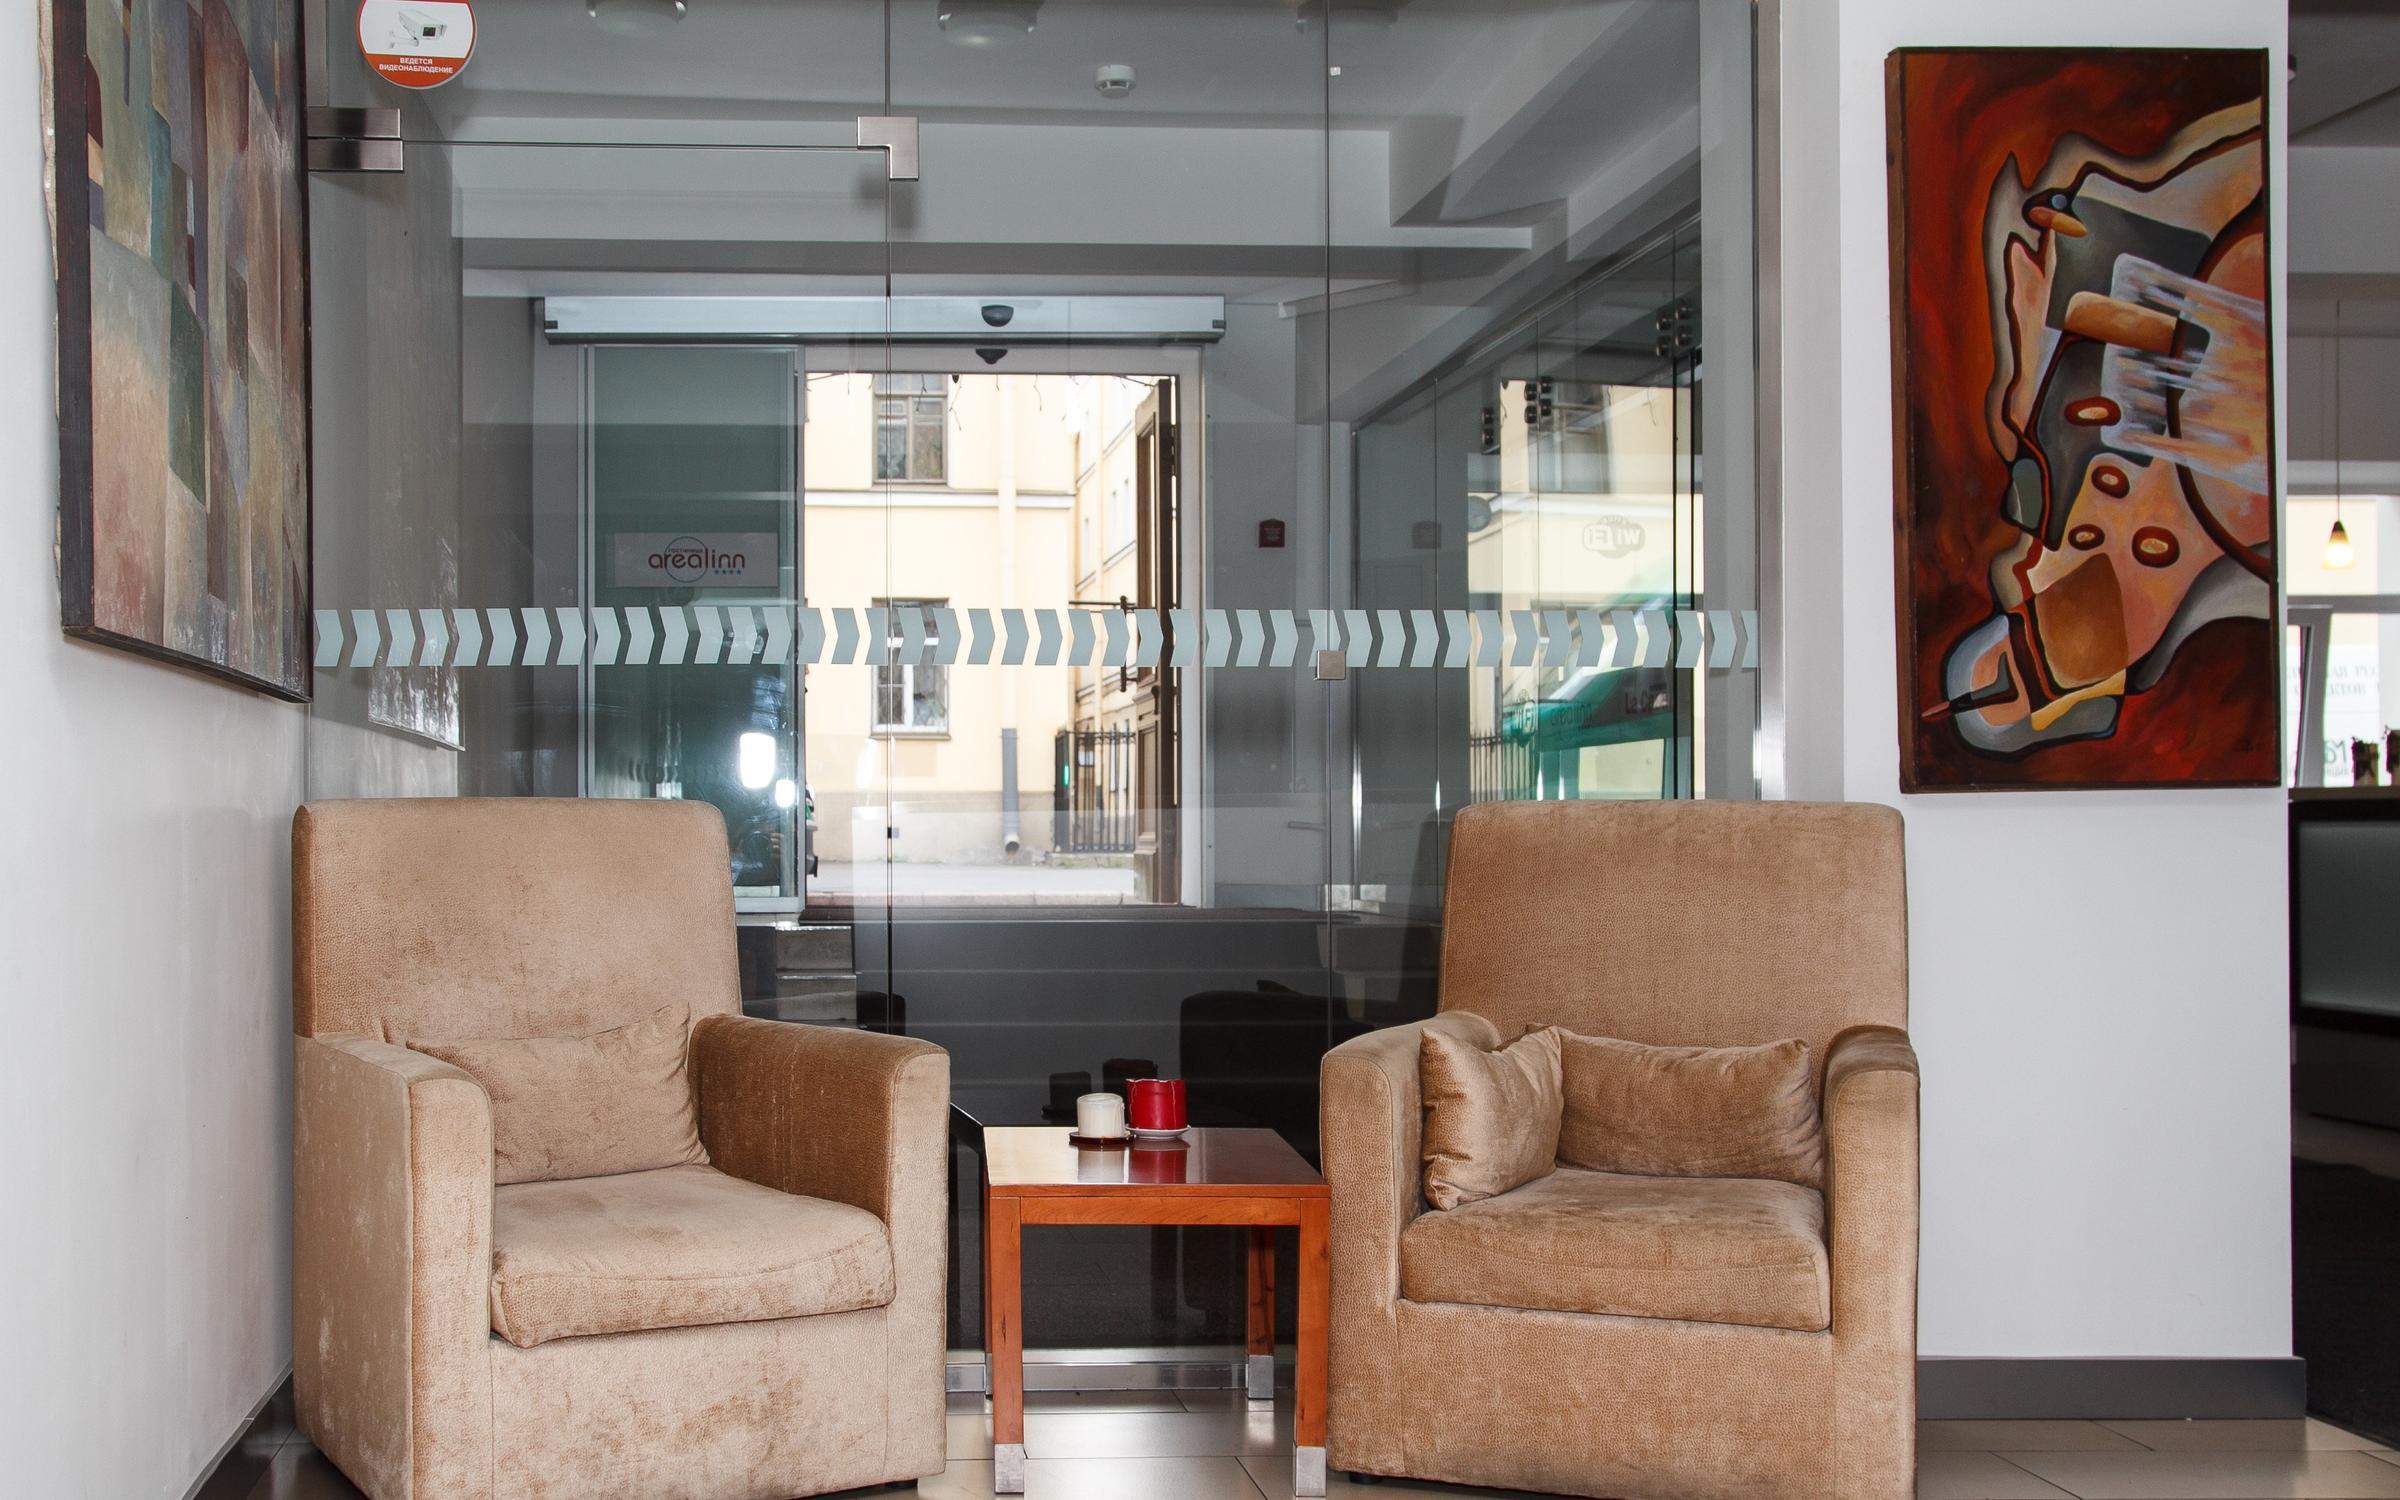 фотография Отеля Arealinn на Курляндской улице, 35